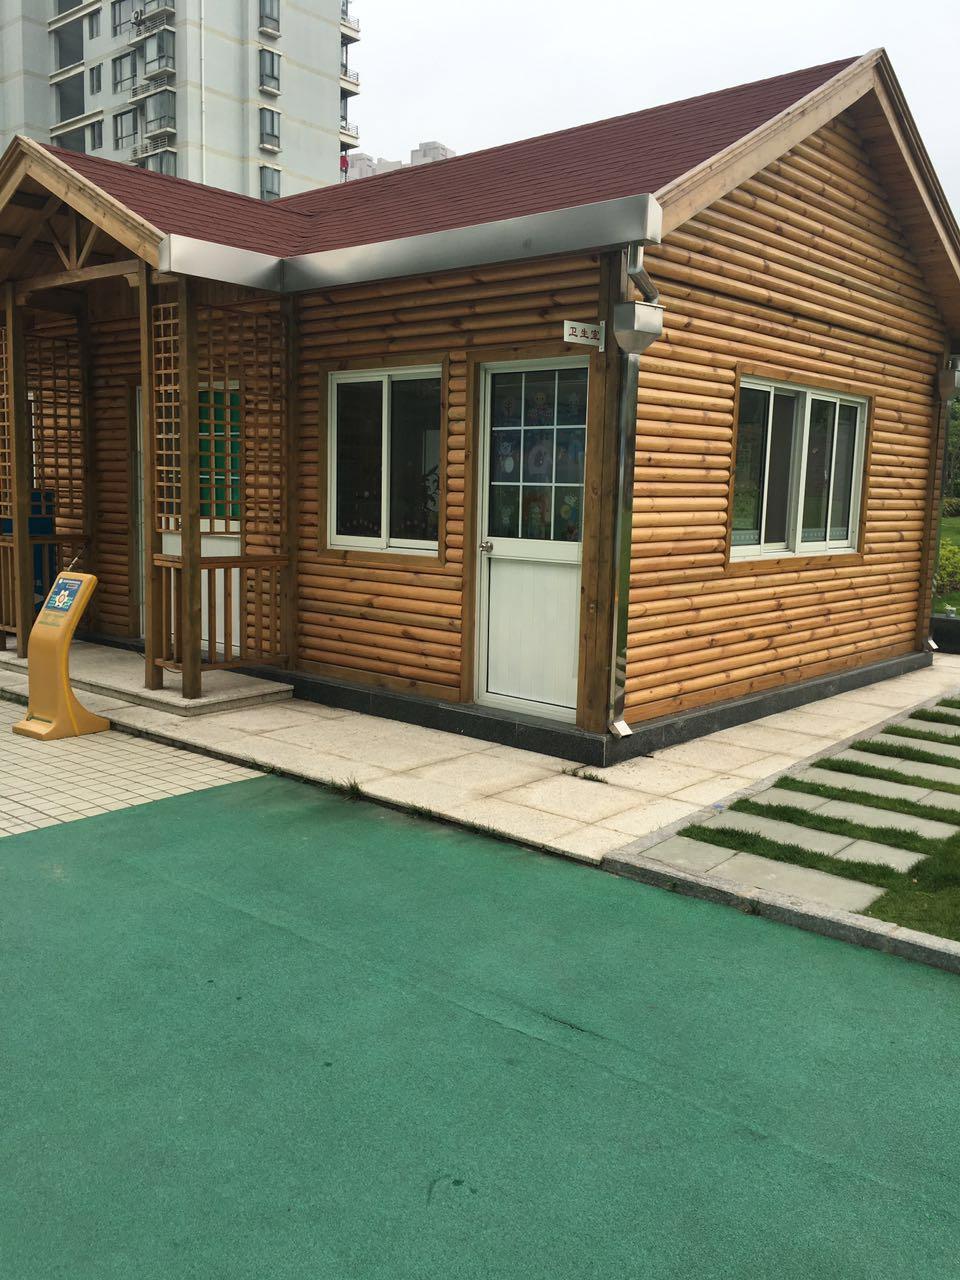 平安健康达标 校园环境优化 服务保障 校内生活设施  卫生室小木屋